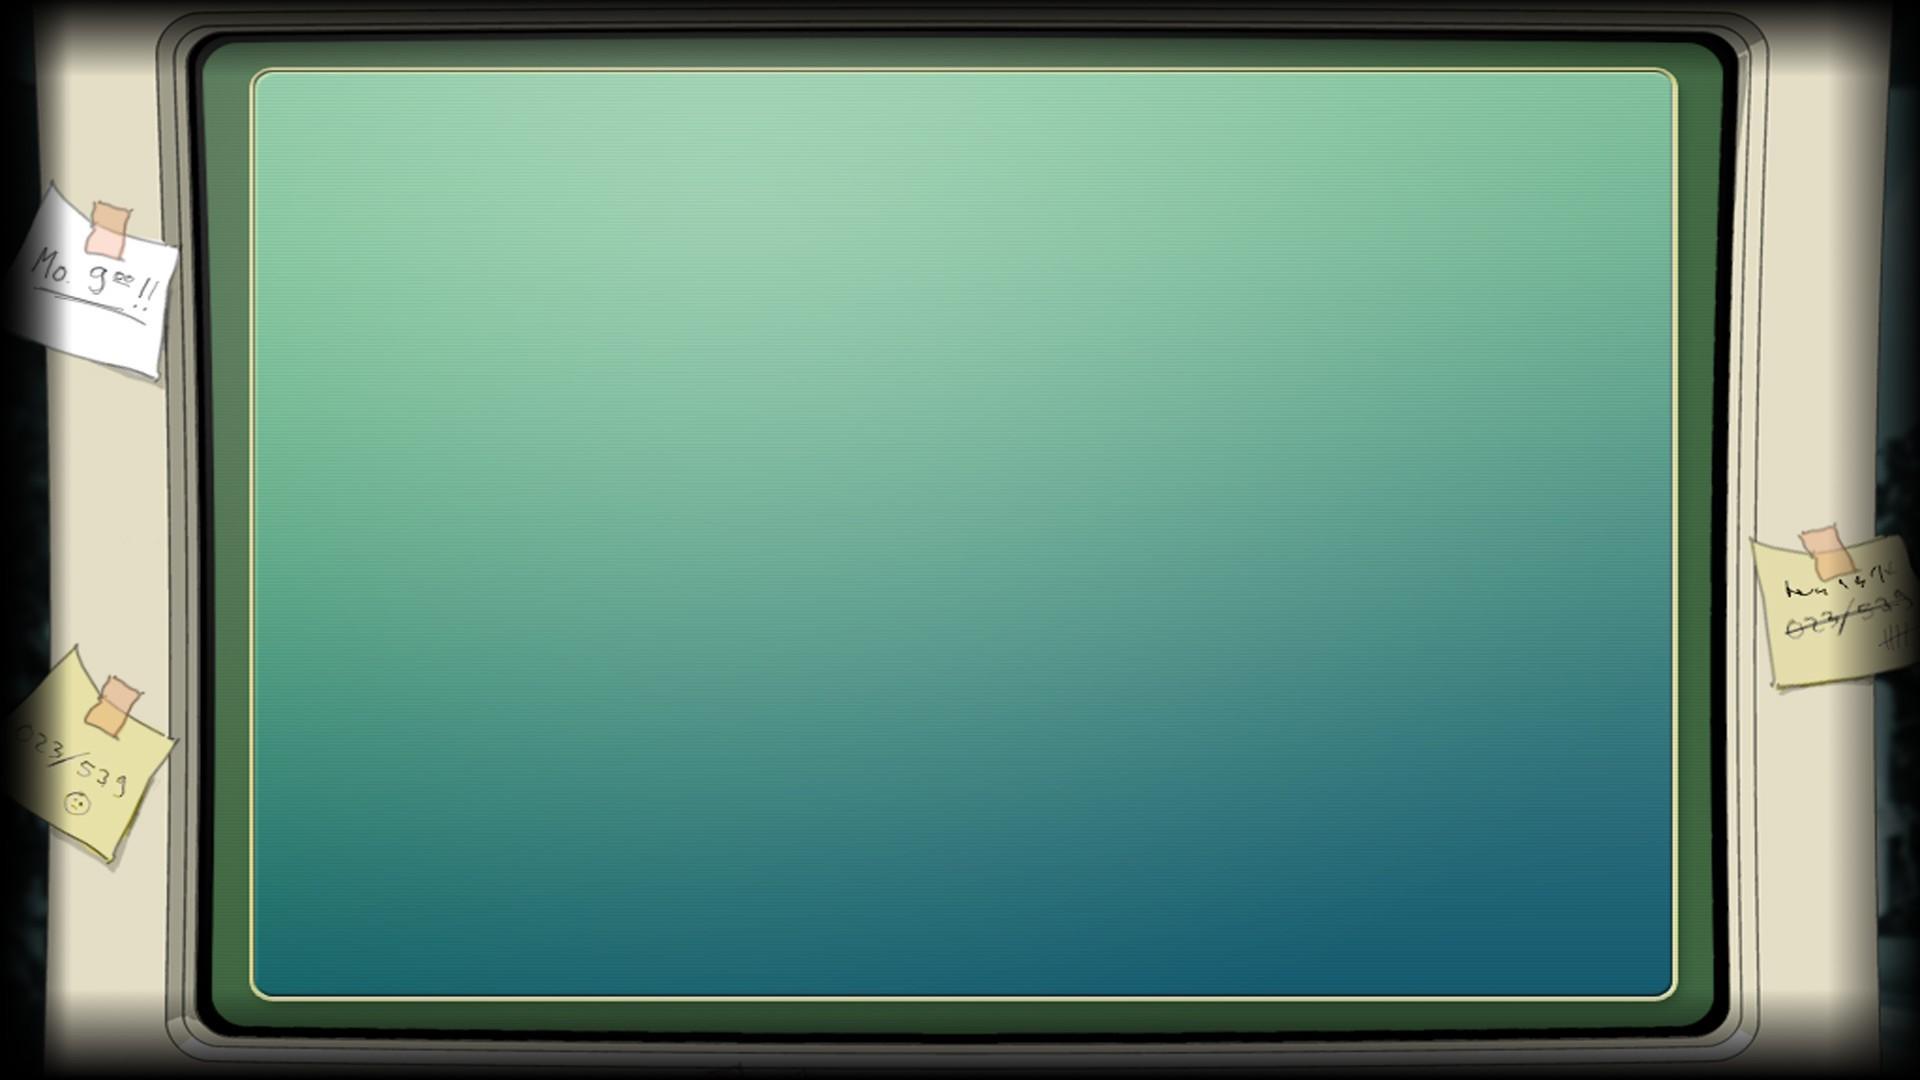 Fondos de pantalla : Minimalismo, tecnología, diseño, multimedia ...